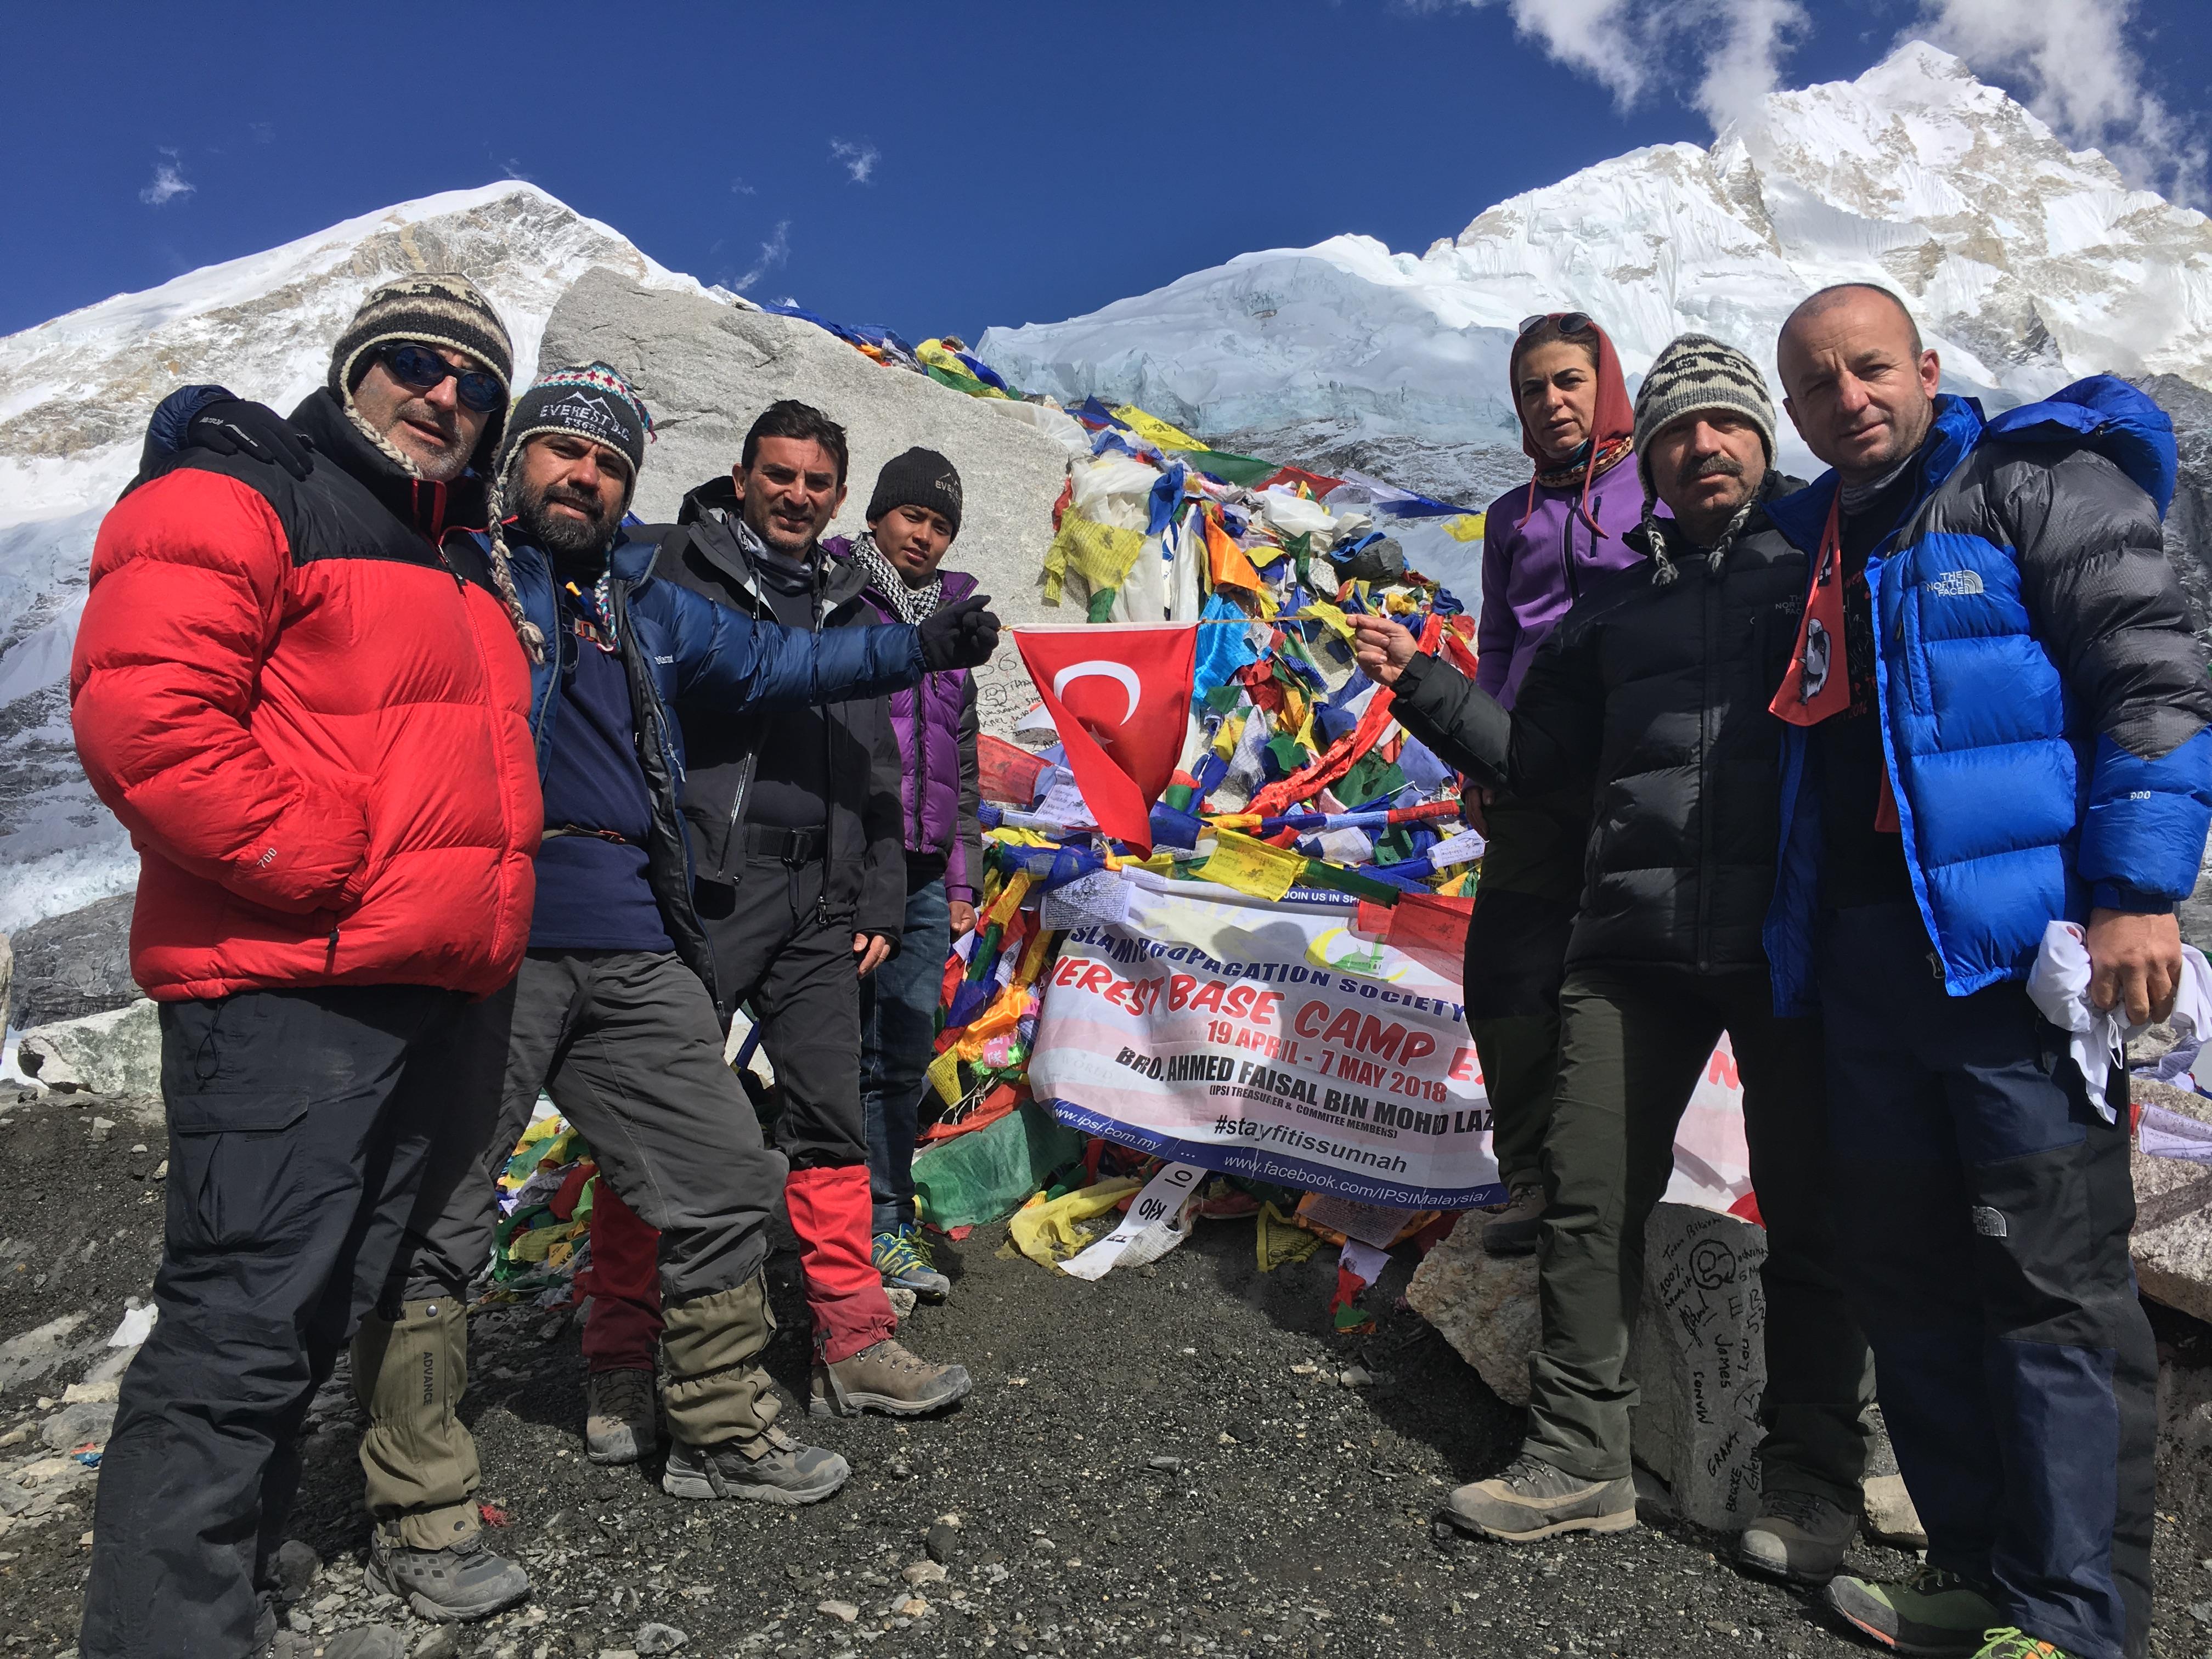 Doç. Dr. Murat Yalçıntaş Afrikanın En Yüksek Dağı Kilimanjeronun 5895 Metrelik  Zirvesine Tırmandı - Haberler - İlim Yayma Vakfı, İYV